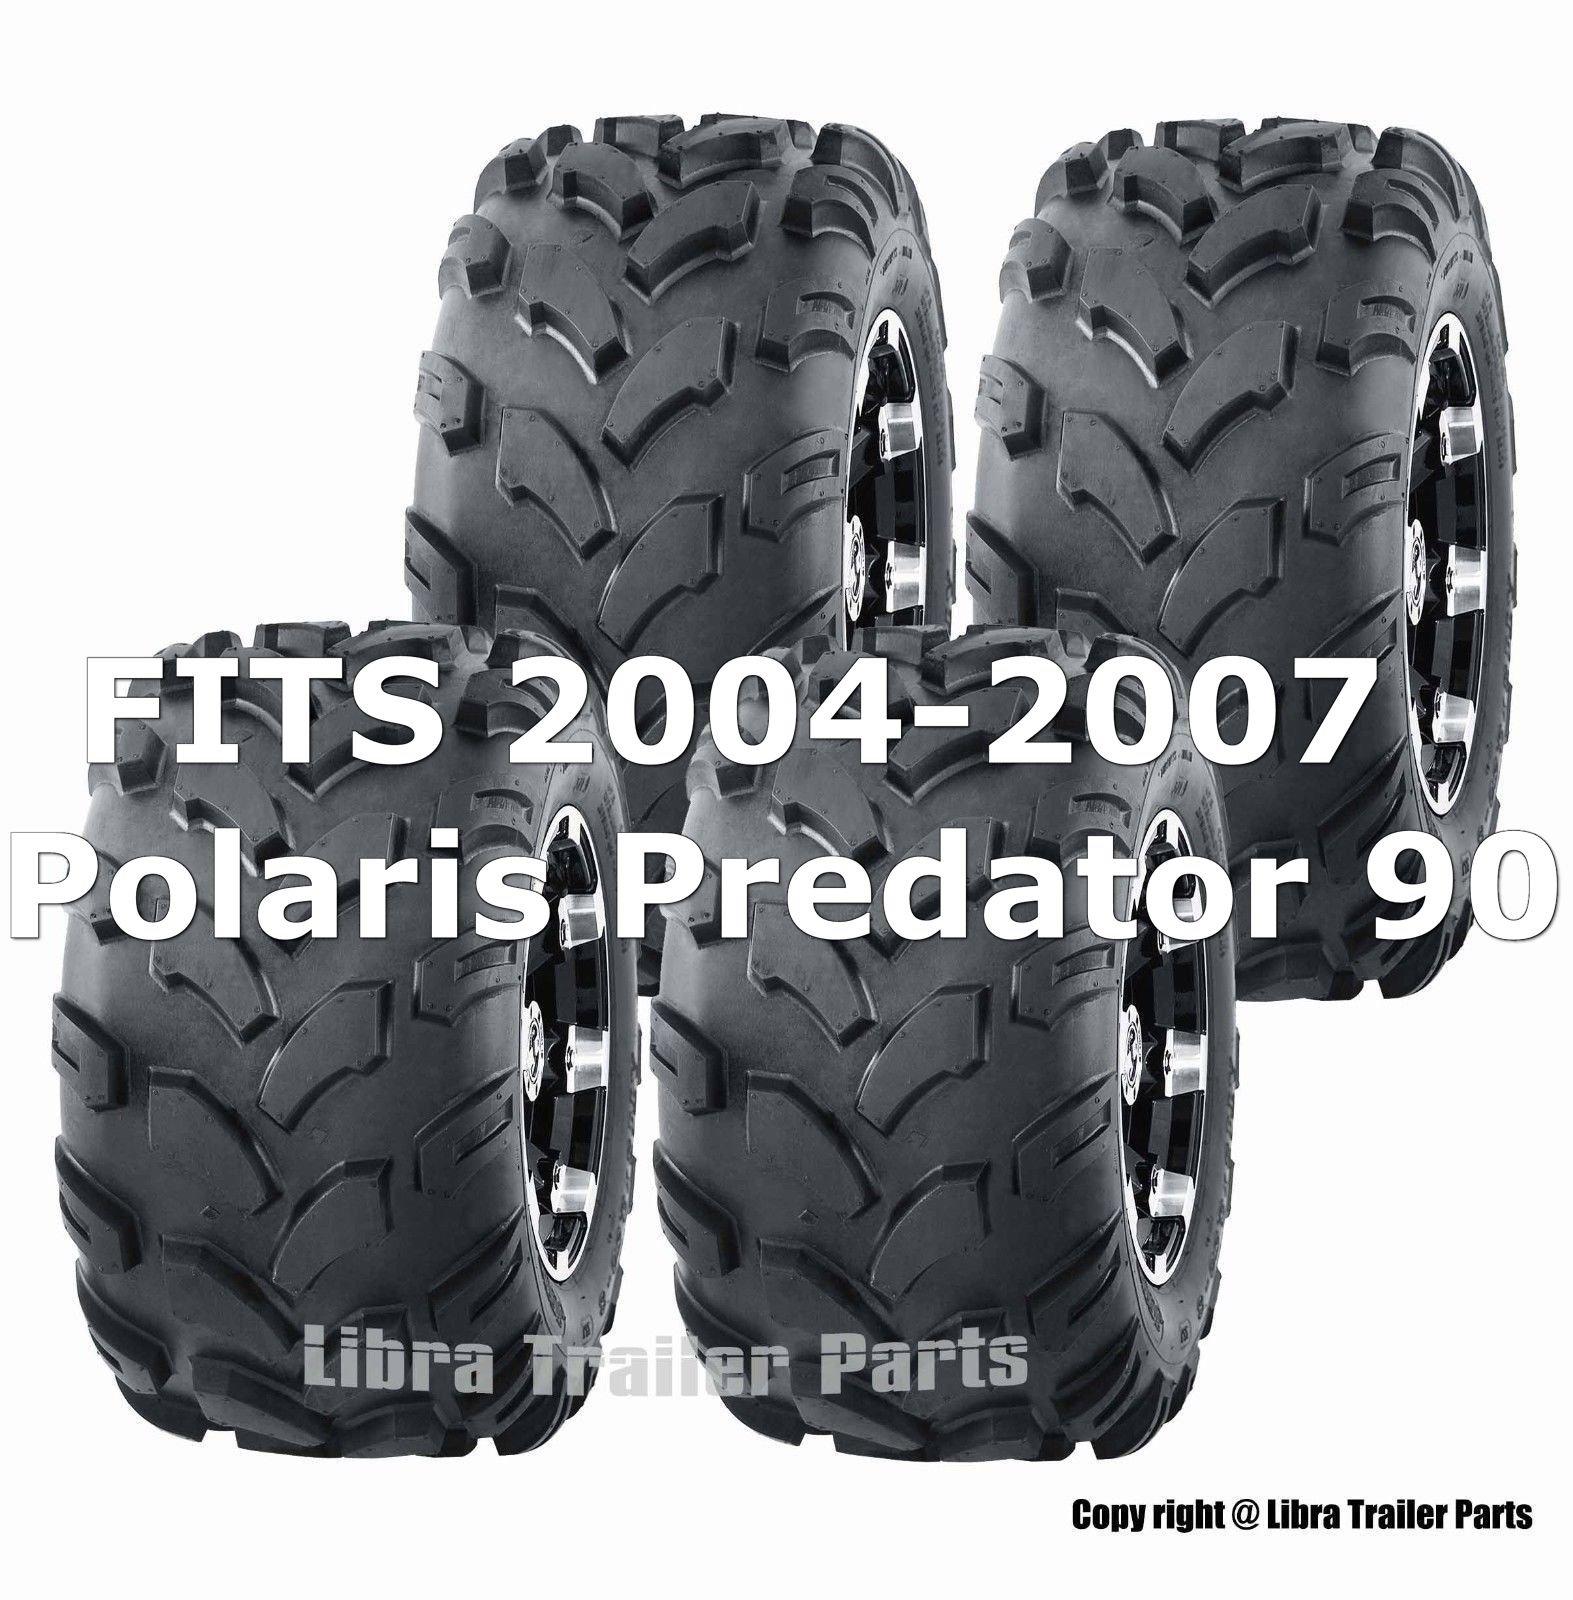 2004-2007 Polaris Predator 90 Sport ATV tires 19x7-8 19x7x8 & 18x9.5-8 18x9.5x8